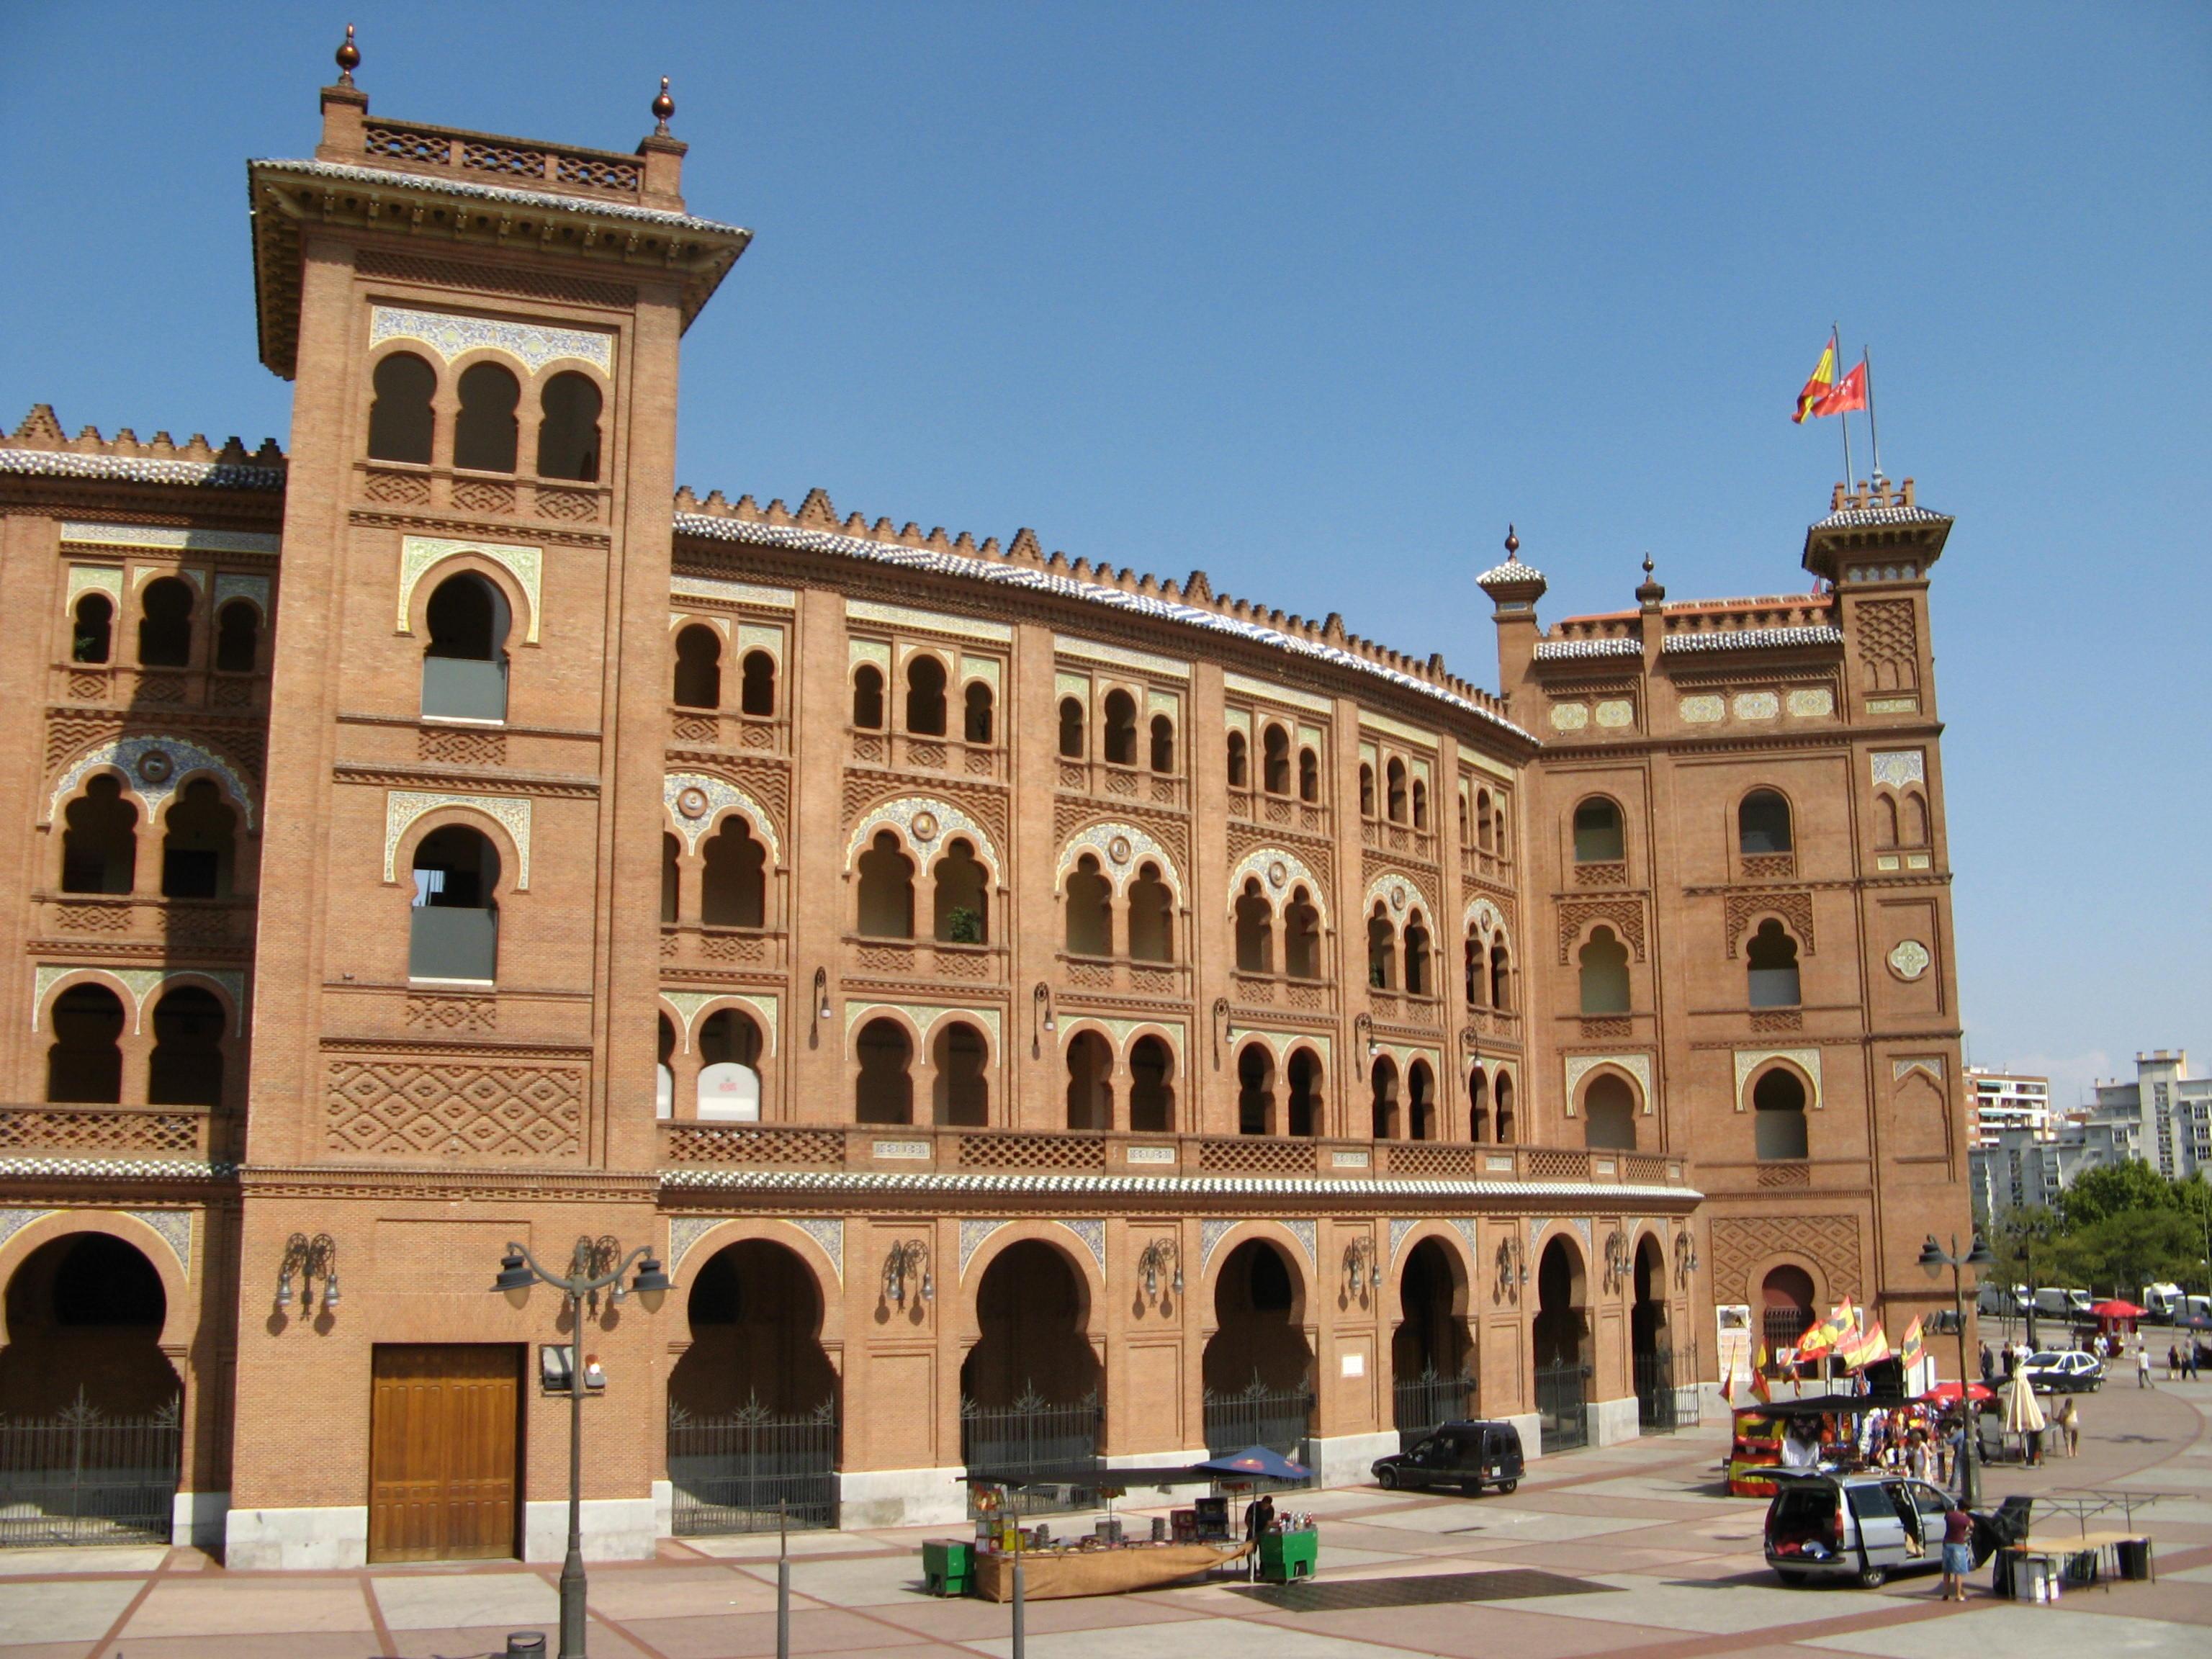 普拉多美术馆参观记 2009年9月27日中午,由西班牙南部回马德里。下午半天空闲,导游带我们在马德里参观游览,先去著名的斗牛场,这座红砖建筑是上世纪建筑师乔西艾斯帕留(Jose Espeliu)设,1929年修建完工,1931年6月正式举行了斗牛场的揭幕仪式。拉斯维塔斯斗牛场从设计到修建都呈现出莫扎勒布风格,这种建筑风格是伊斯兰风格和西班牙传统的结合,据说这种类型的建筑始于15世纪摩尔南部伊斯兰流亡建筑师和手工艺者。莫扎勒布建筑风格的特点包括有马蹄铁形的拱门和有棱纹的圆顶。仔细观察斗牛场的建筑,的确感到这